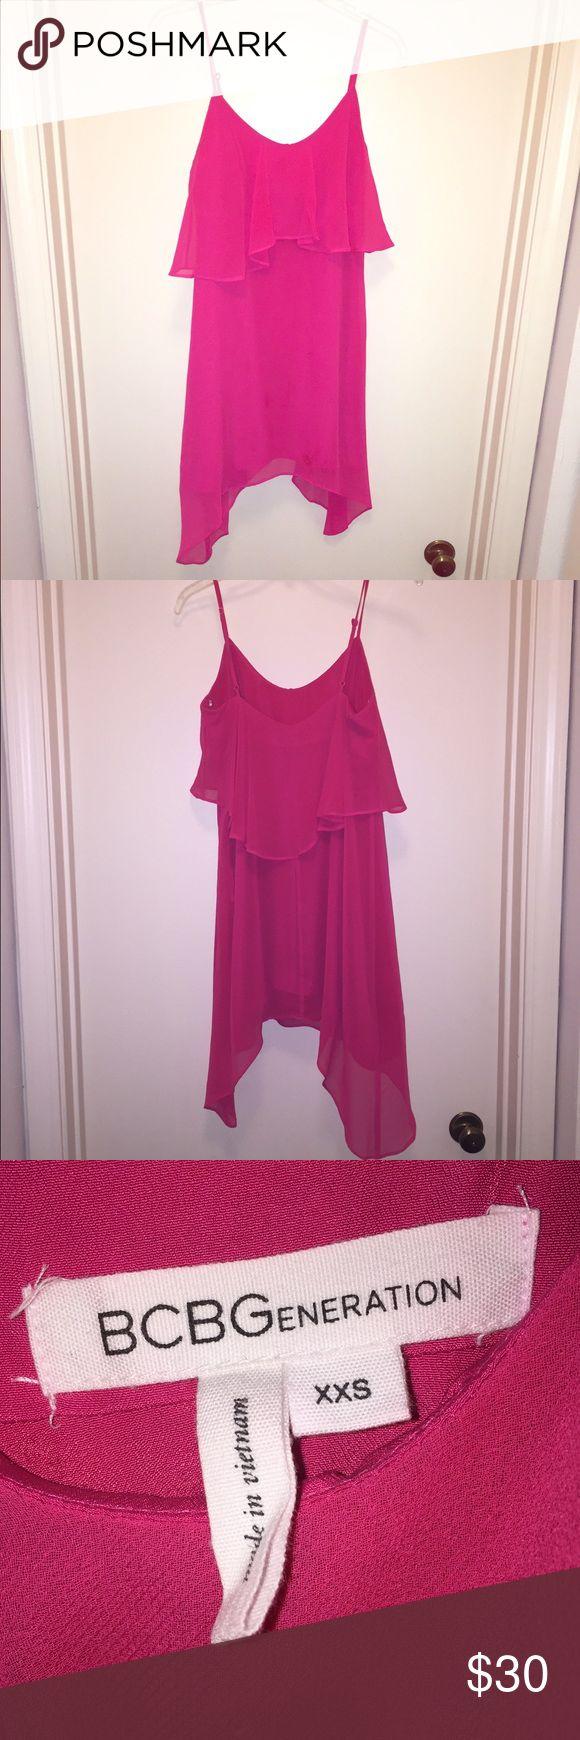 BCBGeneration hot pink ruffle dress XXS Hot pink ruffle dress with asymmetrical hem from BCBGeneration. Size XXS. Adjustable straps BCBGeneration Dresses Asymmetrical